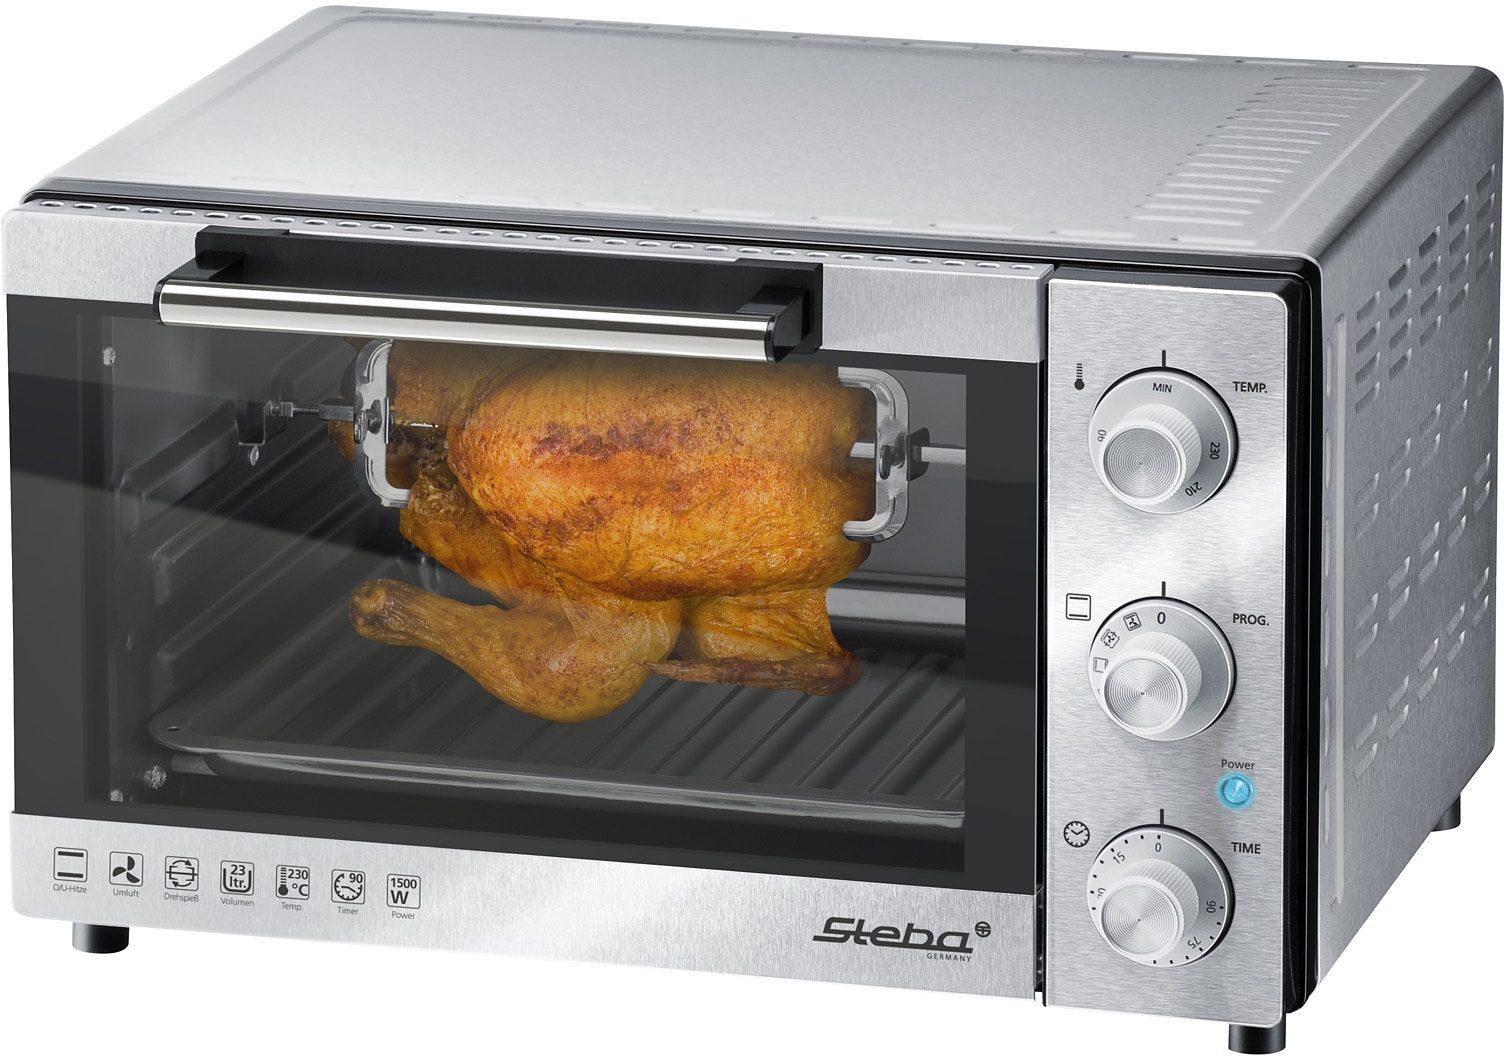 Steba Minibackofen KB 23 1500 W | Küche und Esszimmer > Küchenelektrogeräte > Küche Grill | Steba